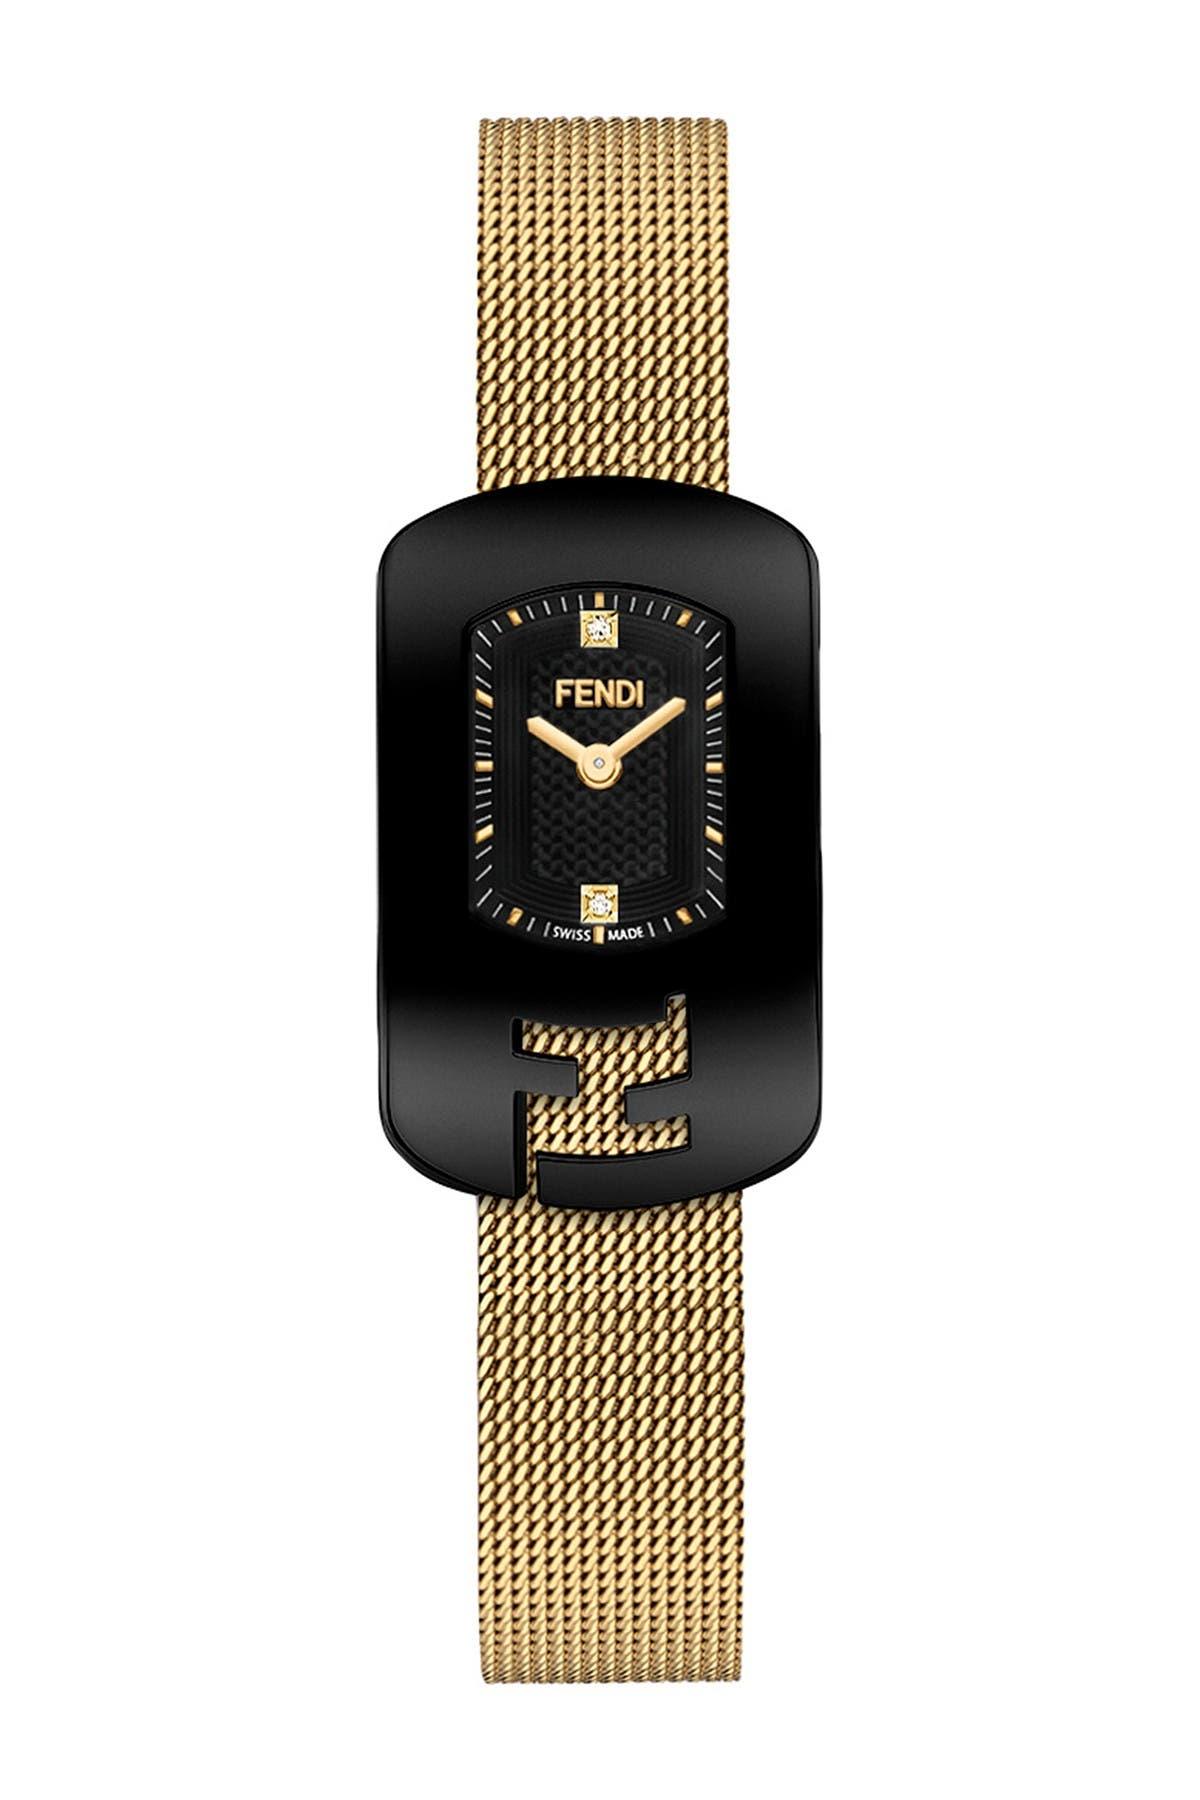 Image of FENDI Women's Stainless Steel Diamond Bracelet Watch, 18 x 31mm - 0.009 ctw